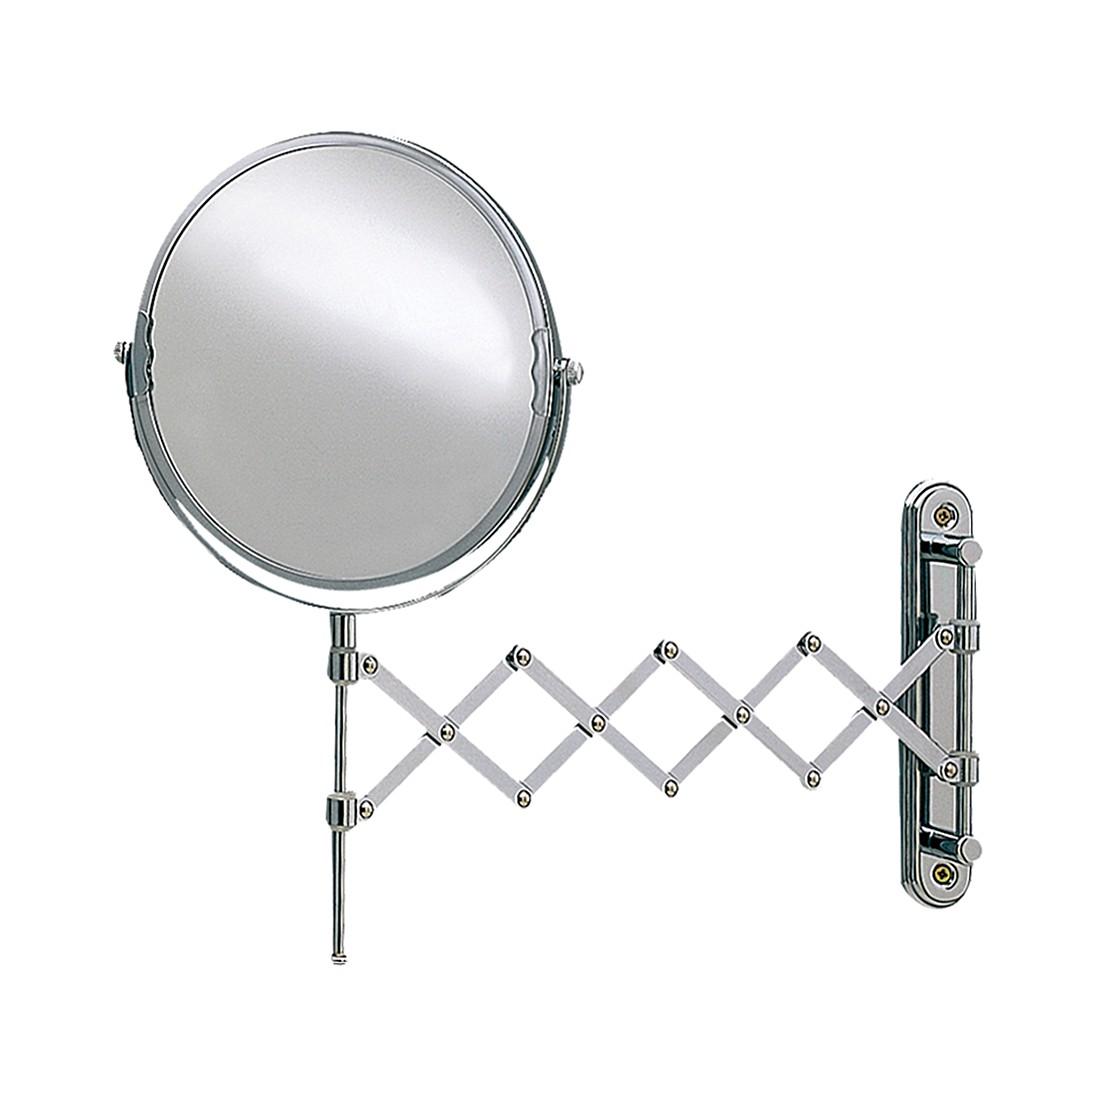 Miroir mural télescopique Franziska - Chrome Avec grossissement x5, Nicol Wohnausstattungen